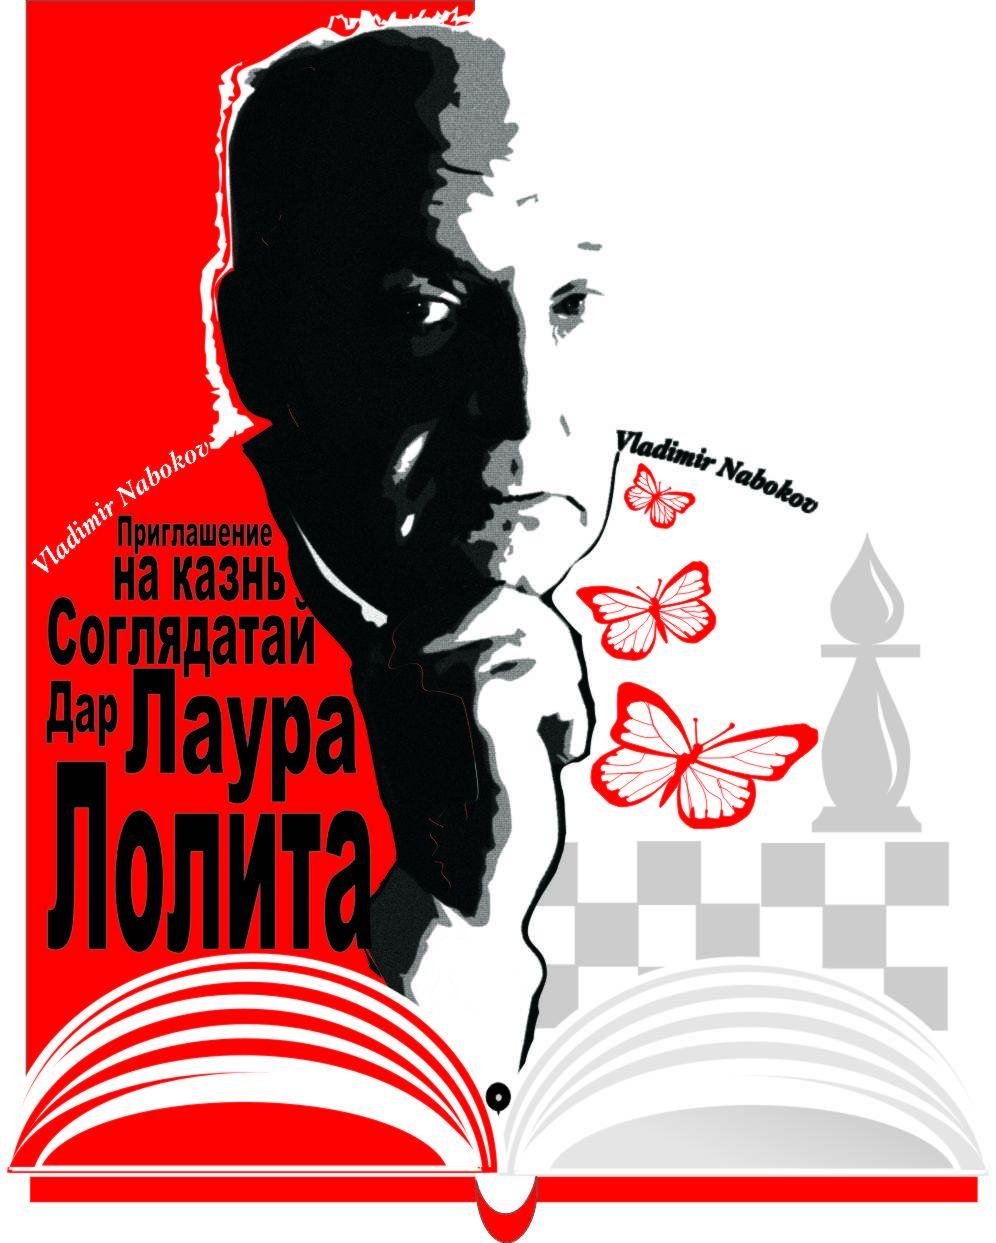 Плакат-портрет Владимира Набокова - дизайнер sergeypen